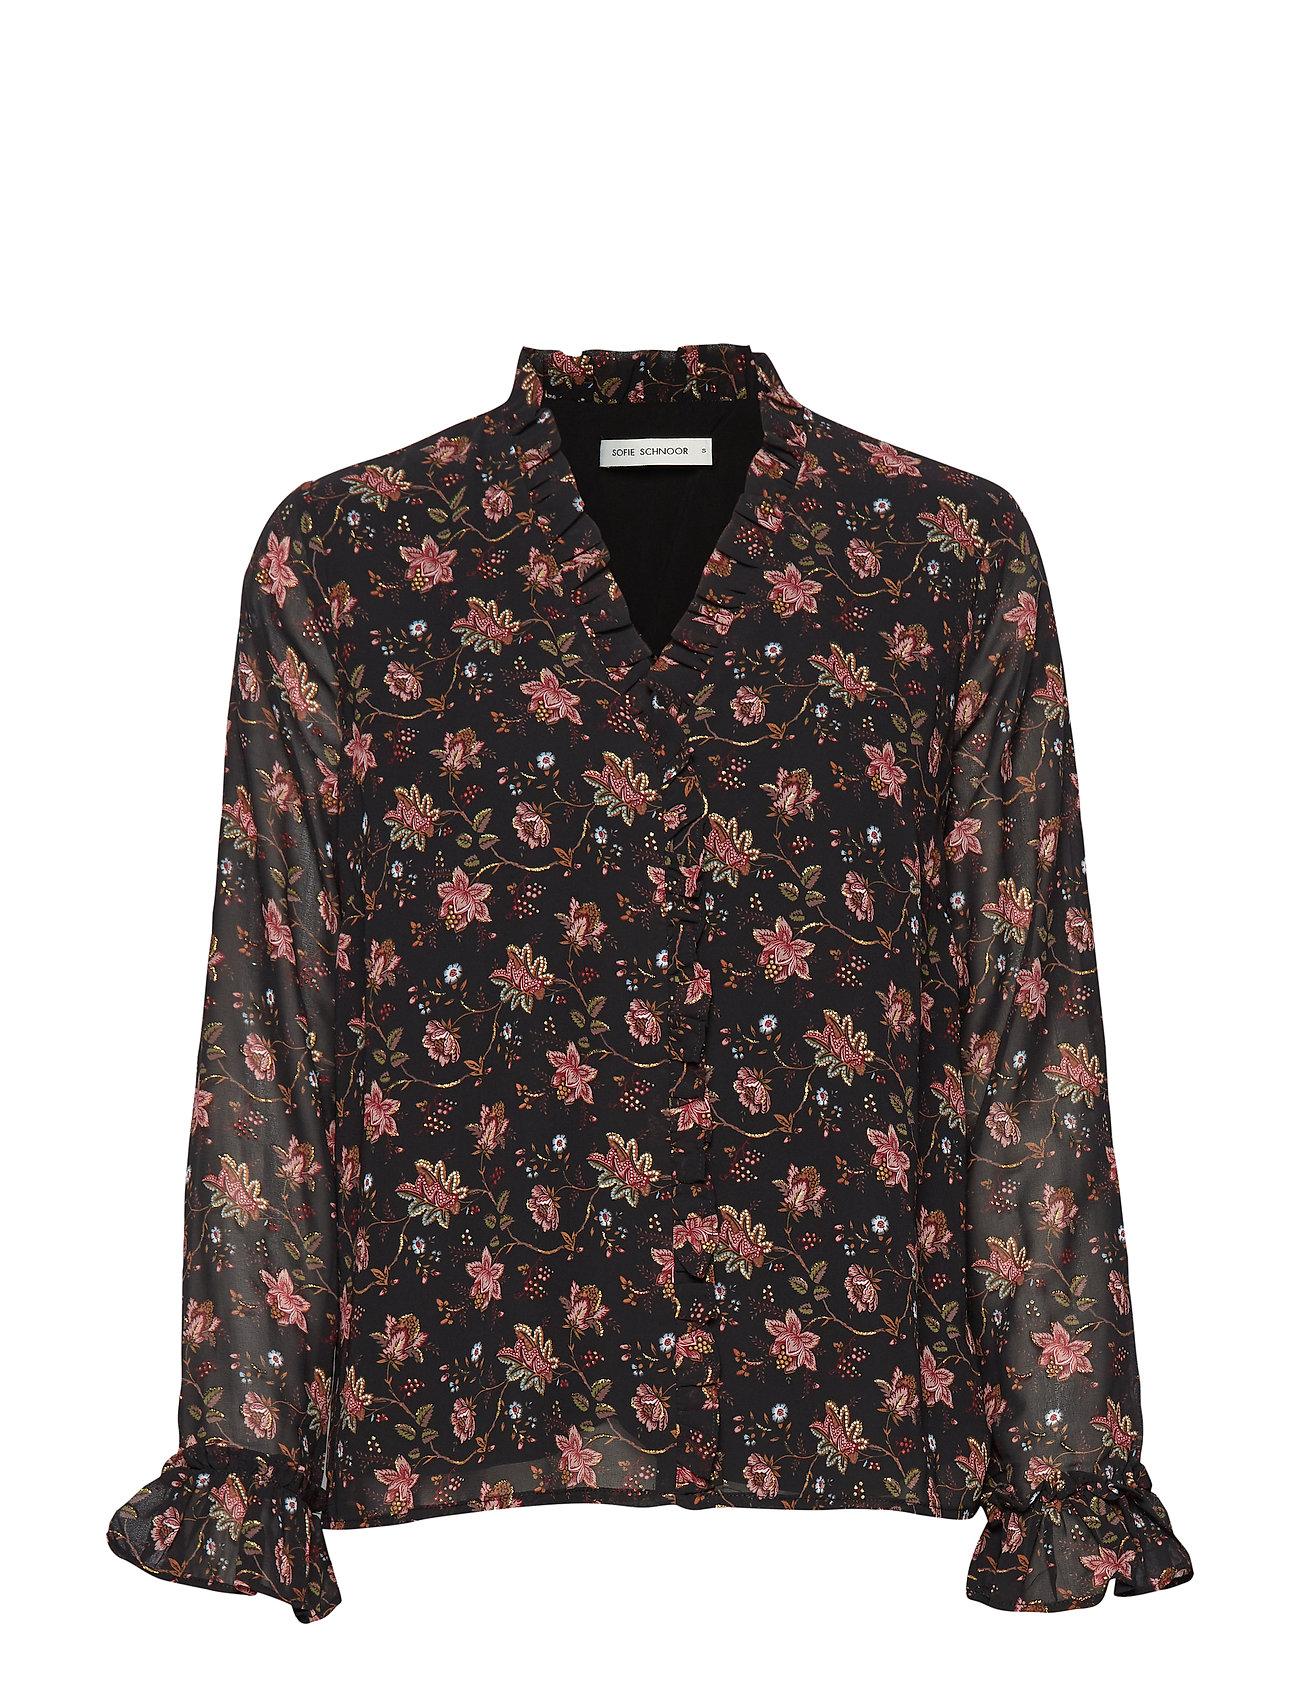 Sofie Schnoor Shirt - AOP FLOW BLK